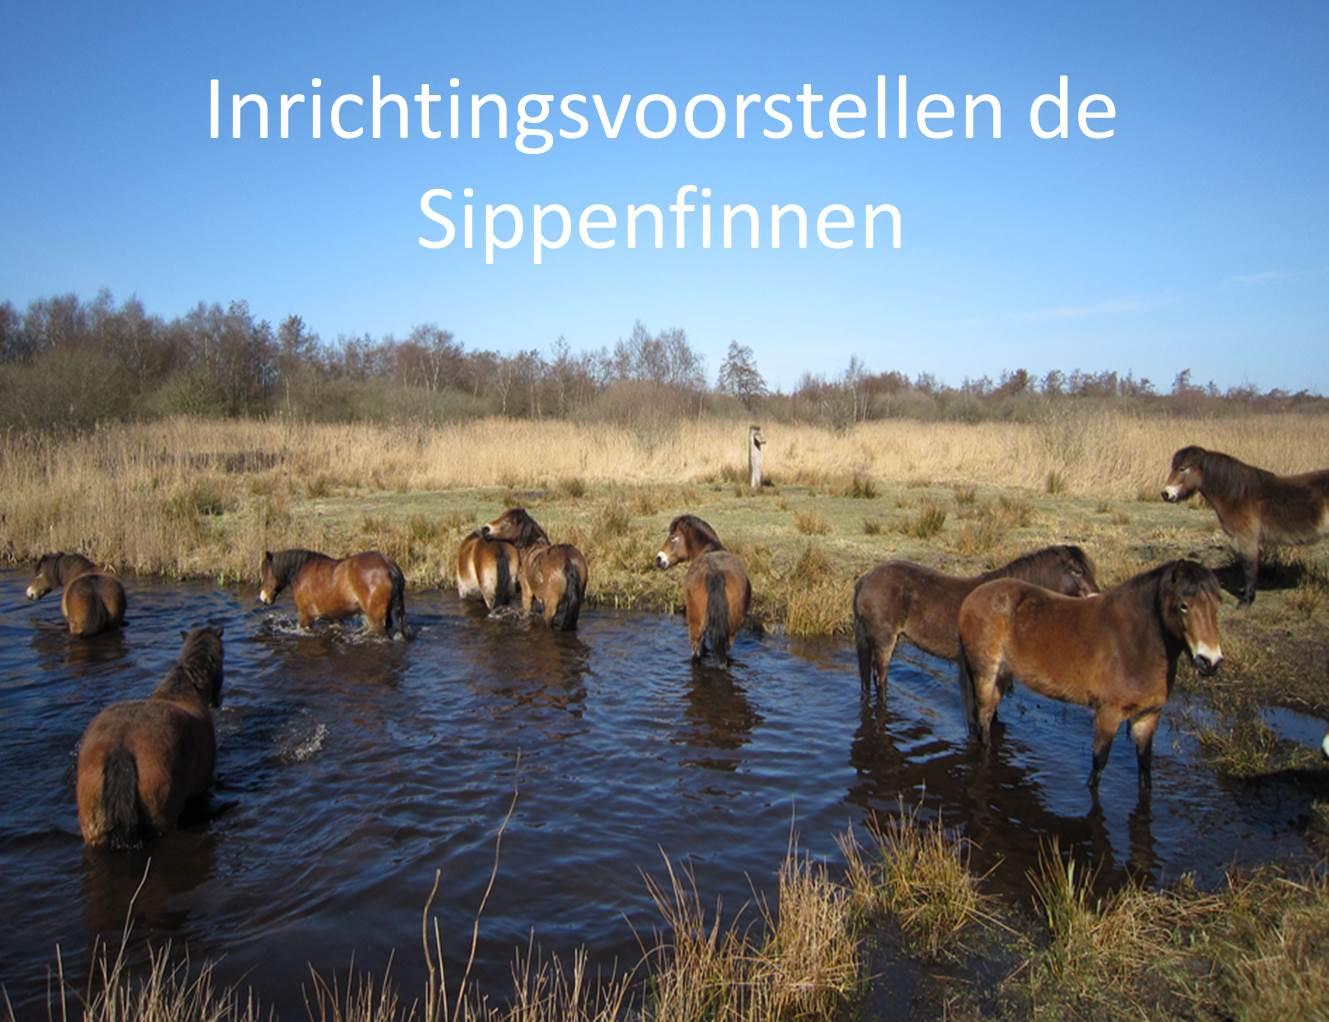 Inrichtingsvoorstellen de Sippenfinnen